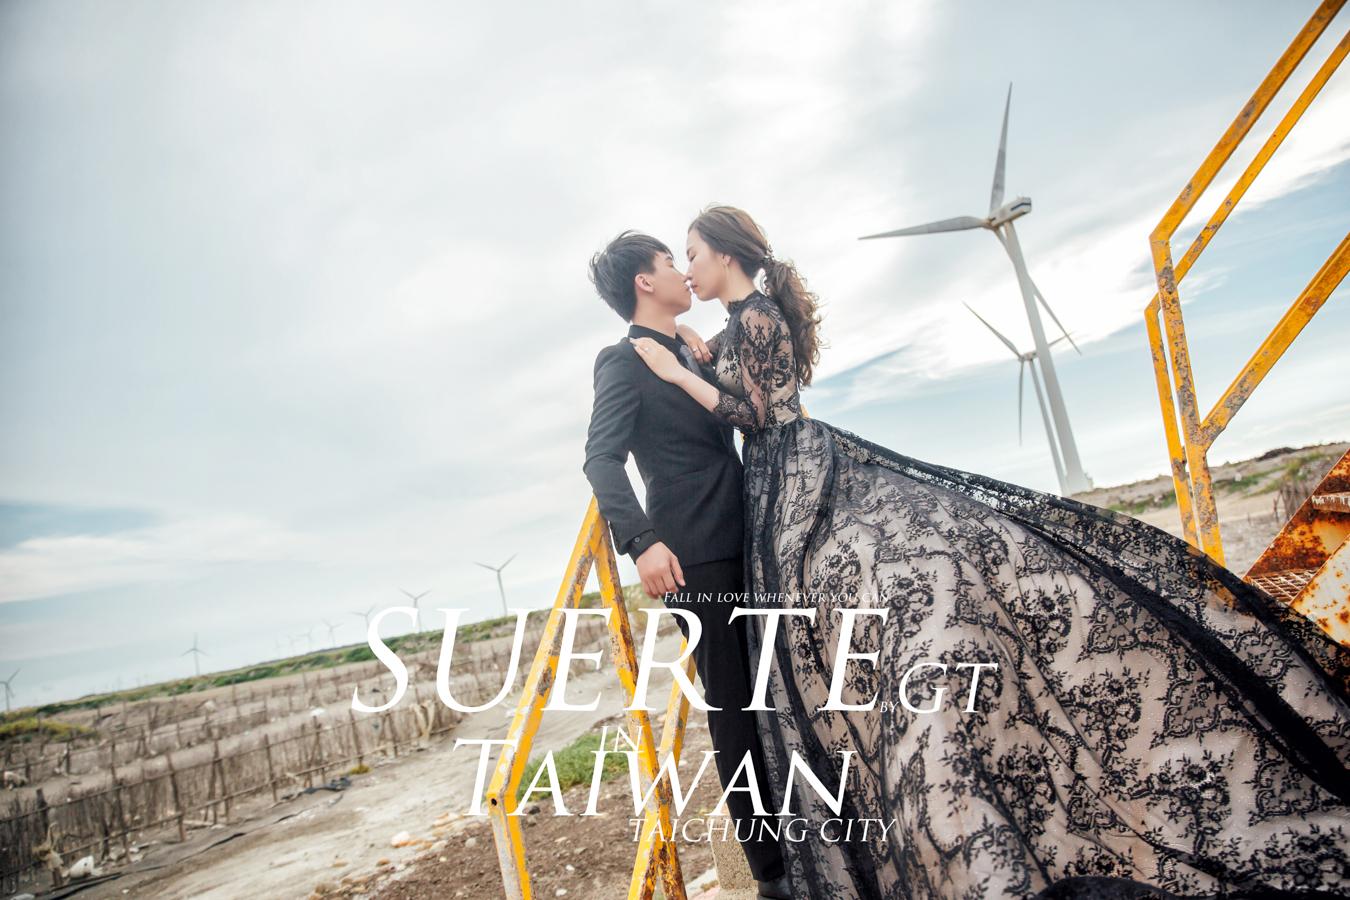 自助婚紗 | Zoe  PREWEDDING 彰濱工業區 繡球花 季節限定 |國內婚紗|台中婚紗